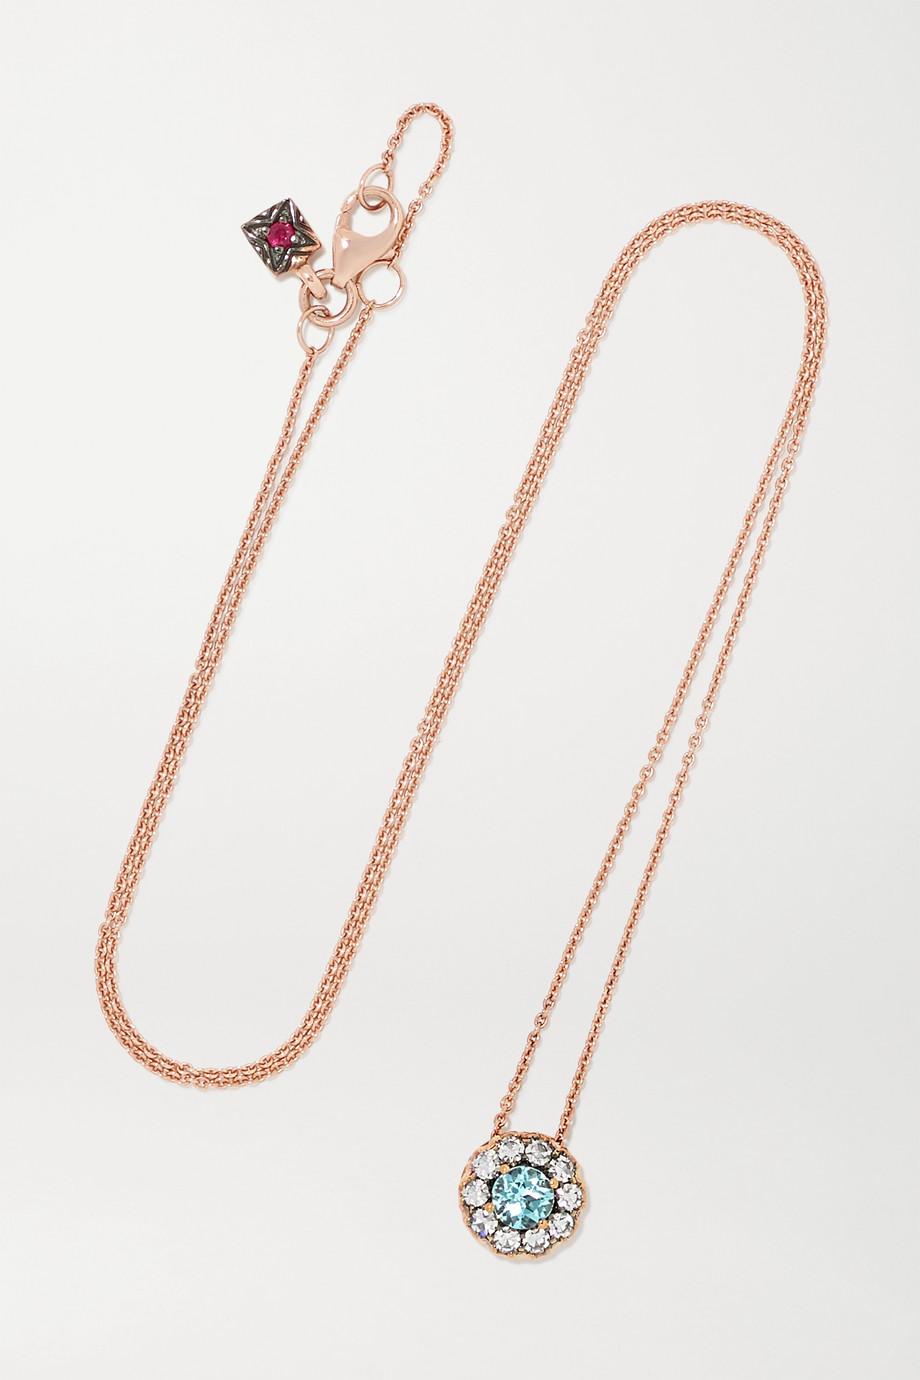 Selim Mouzannar Beirut 18-karat rose gold, paraiba and diamond necklace